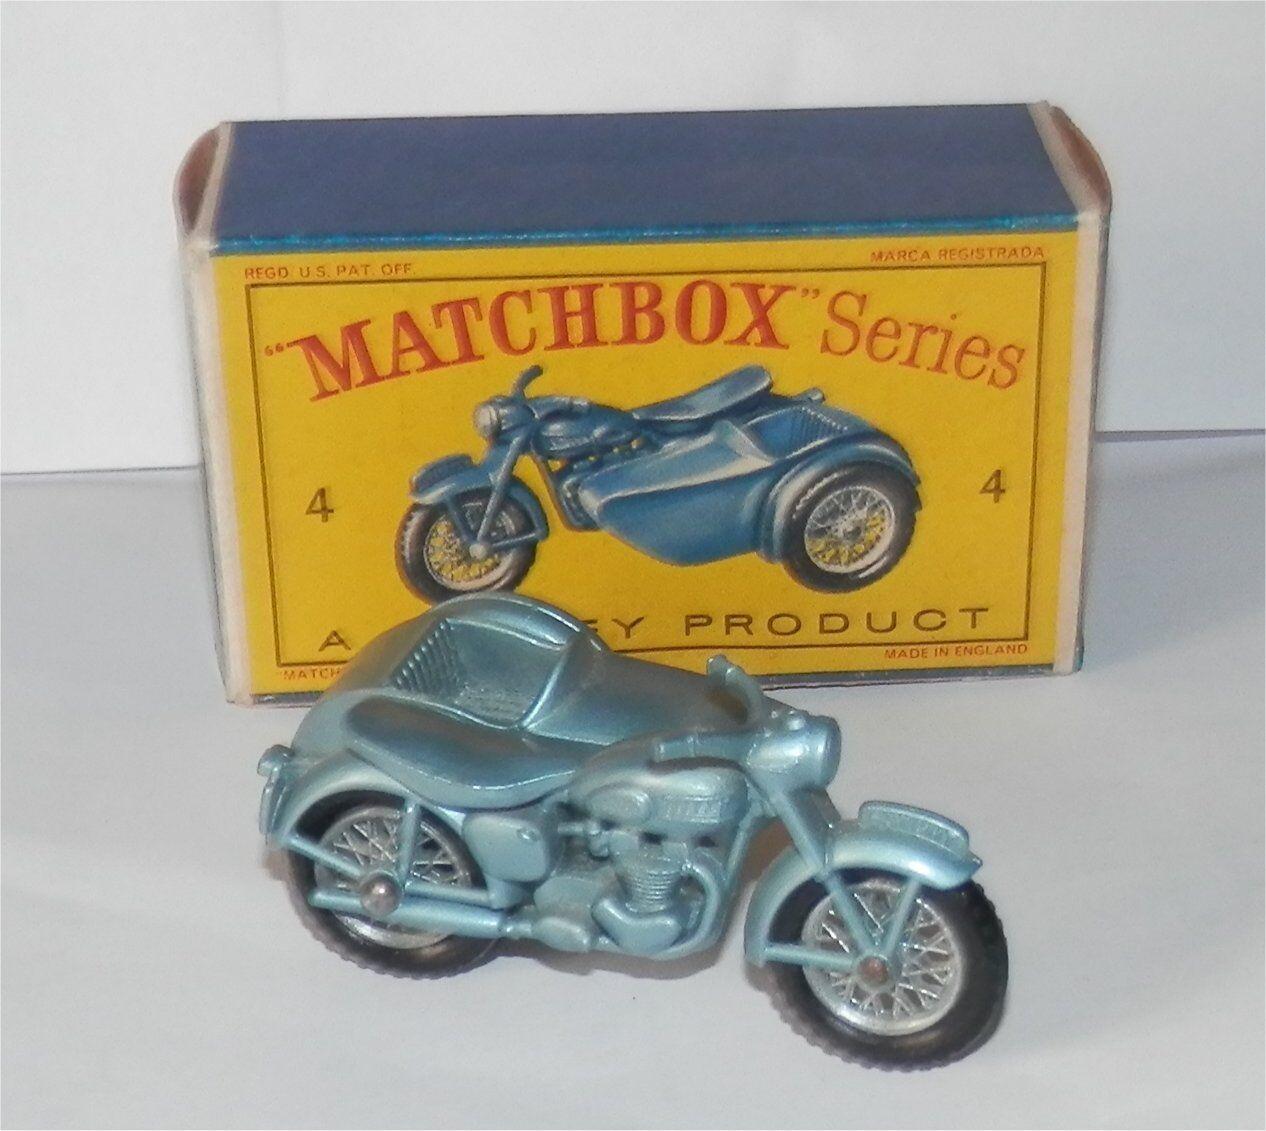 En los años 60, Matchbox Lesney, 4 Triumph t110 y 3 ruedas laterales, cajas de Cocheamelos de menta.